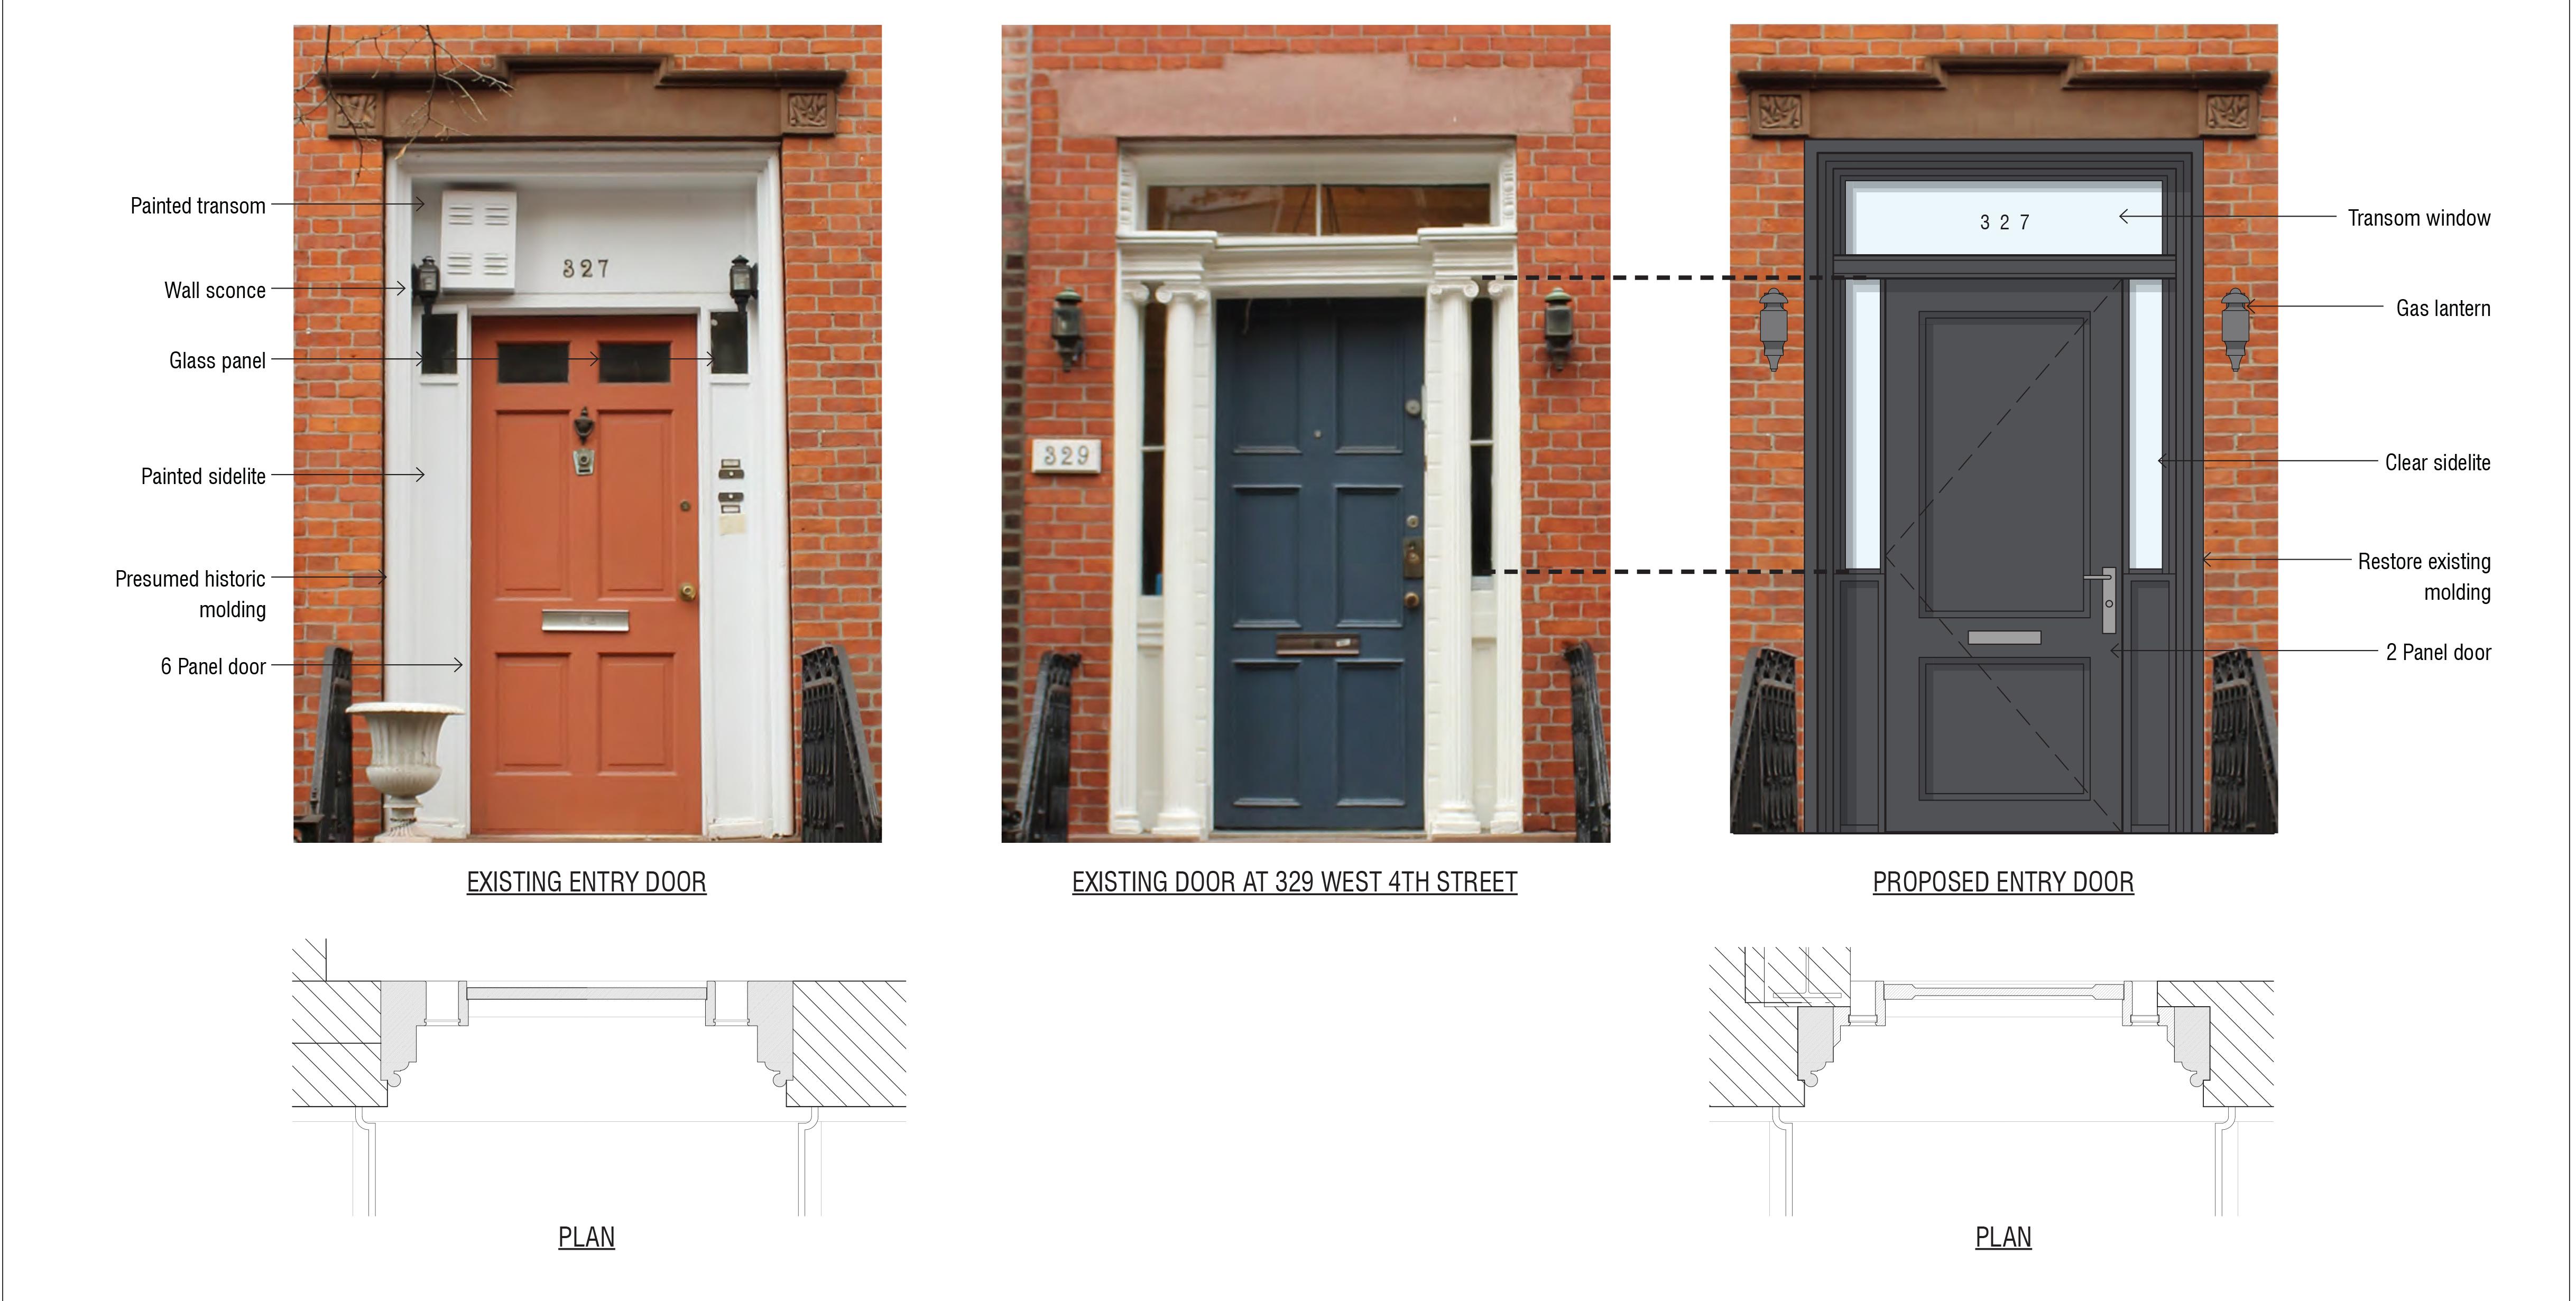 Front door plan for 327 West 4th Street